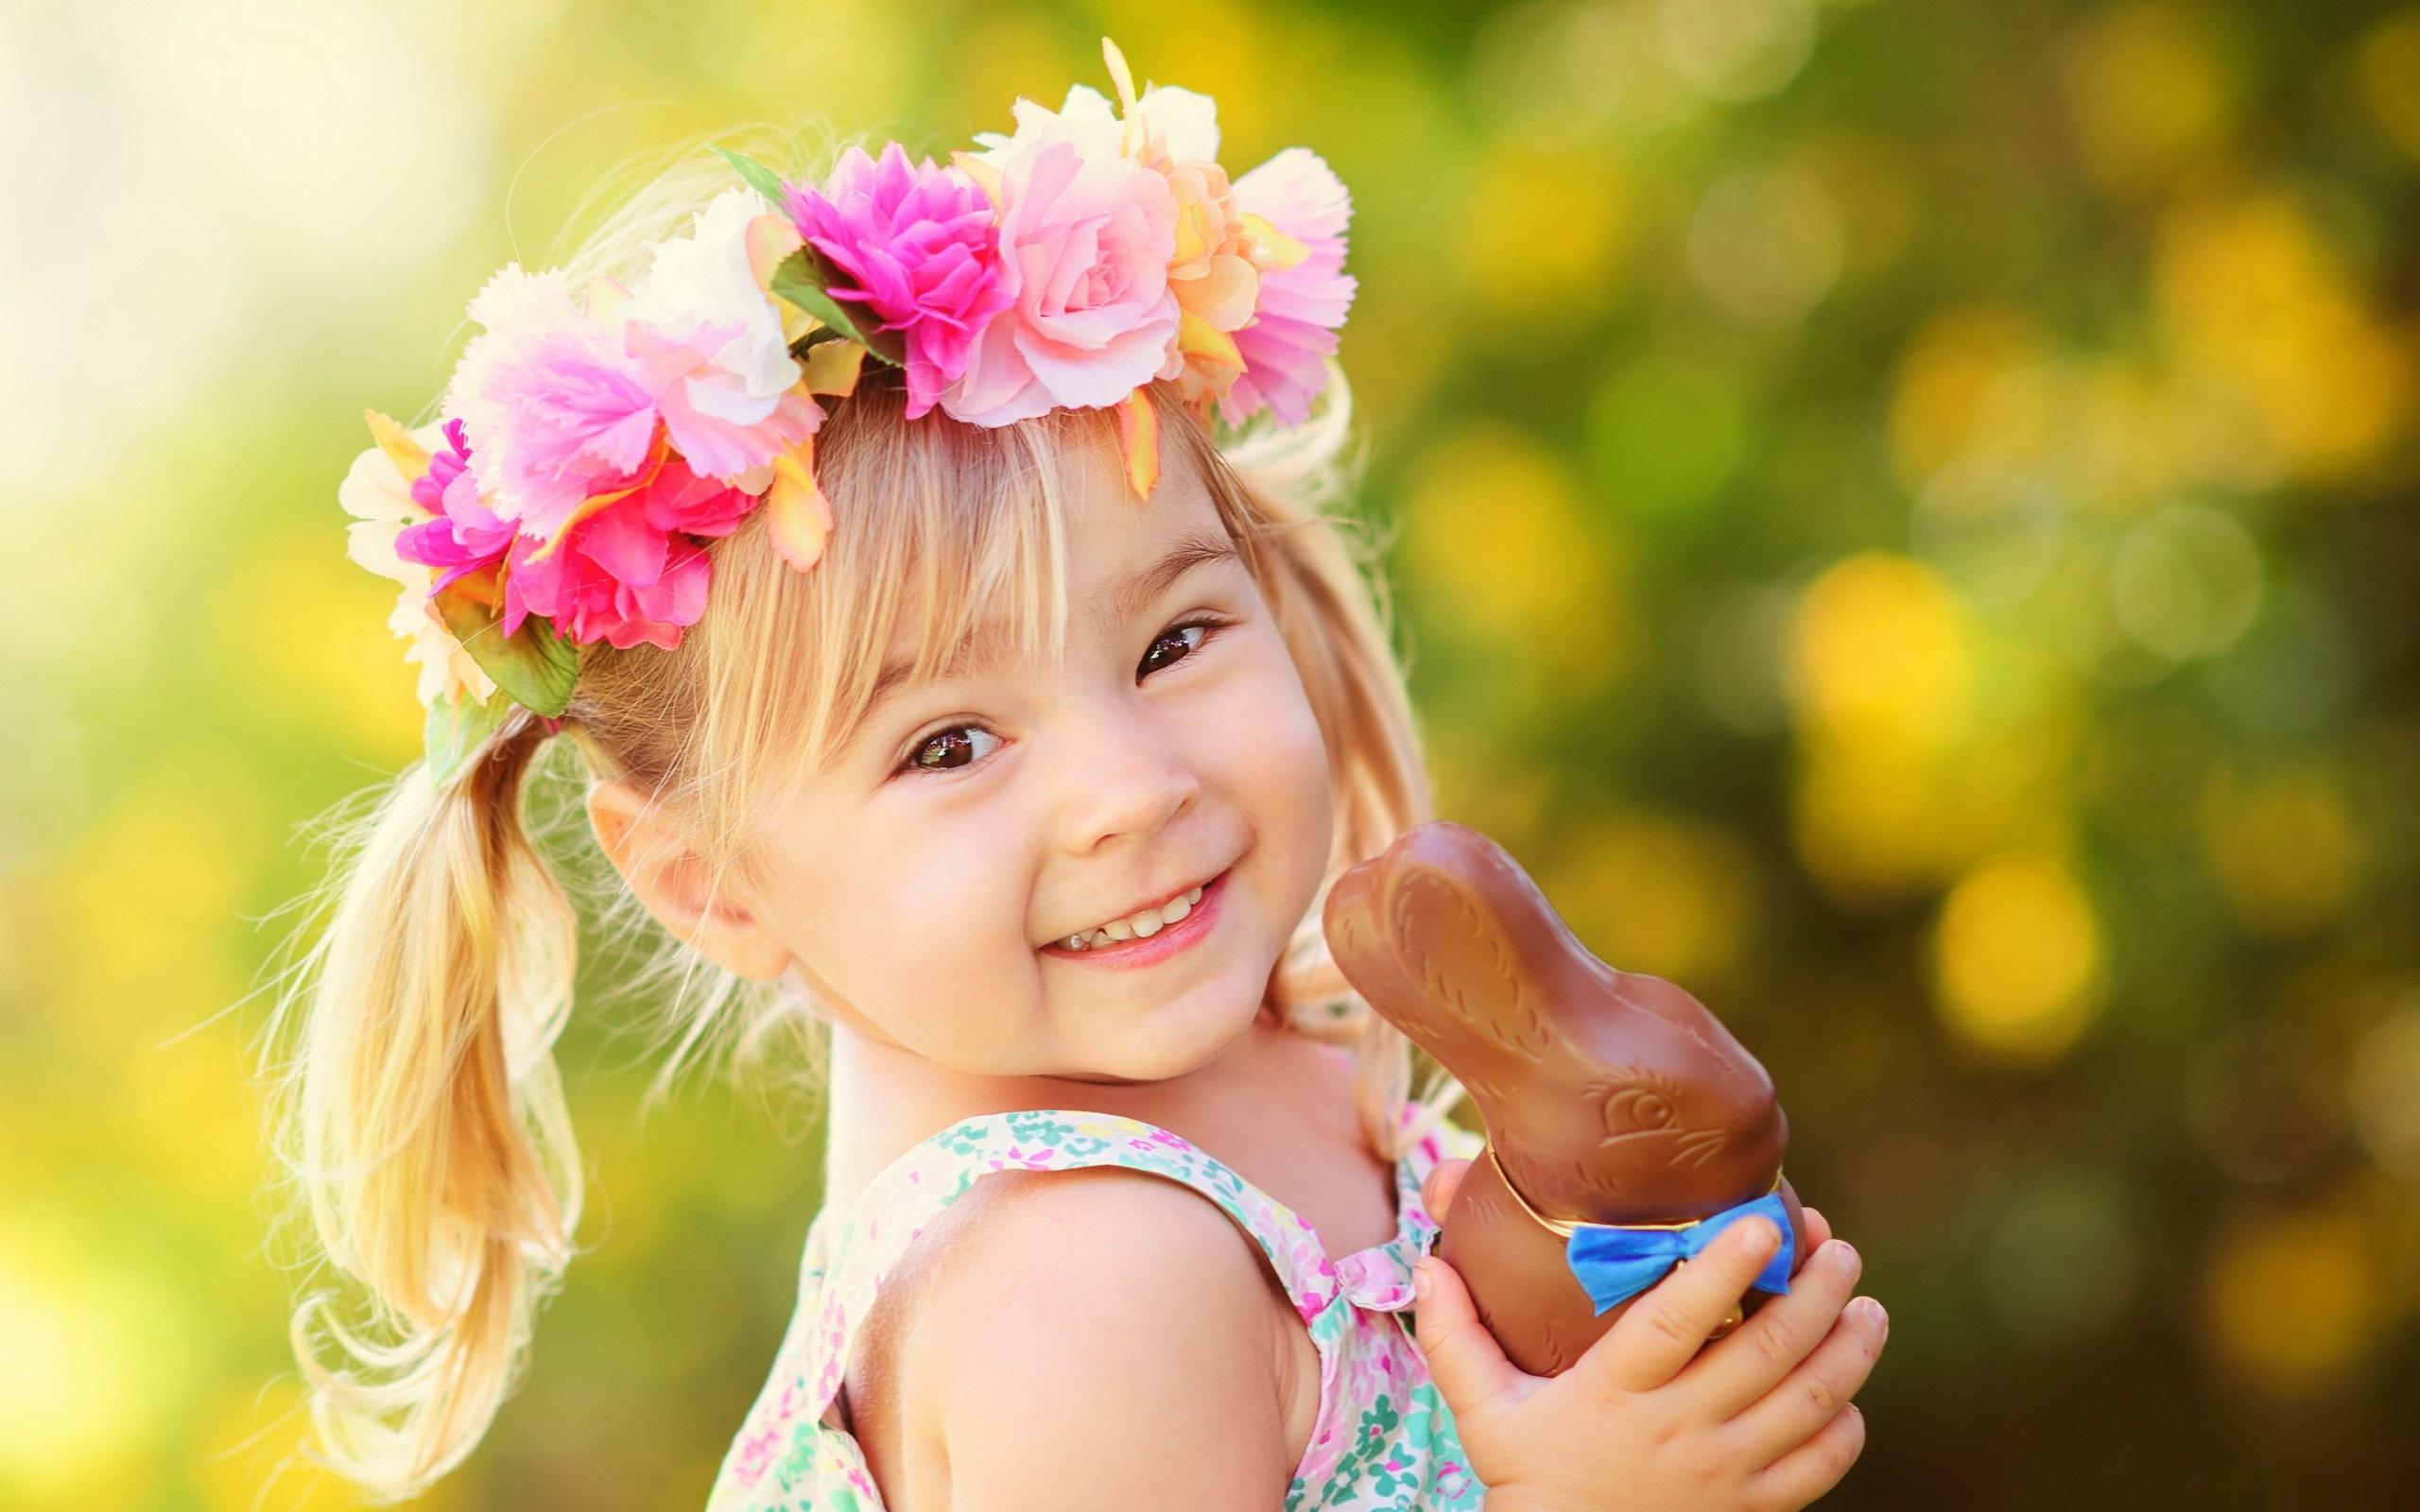 Hình ảnh bé gái xinh đẹp đáng yêu